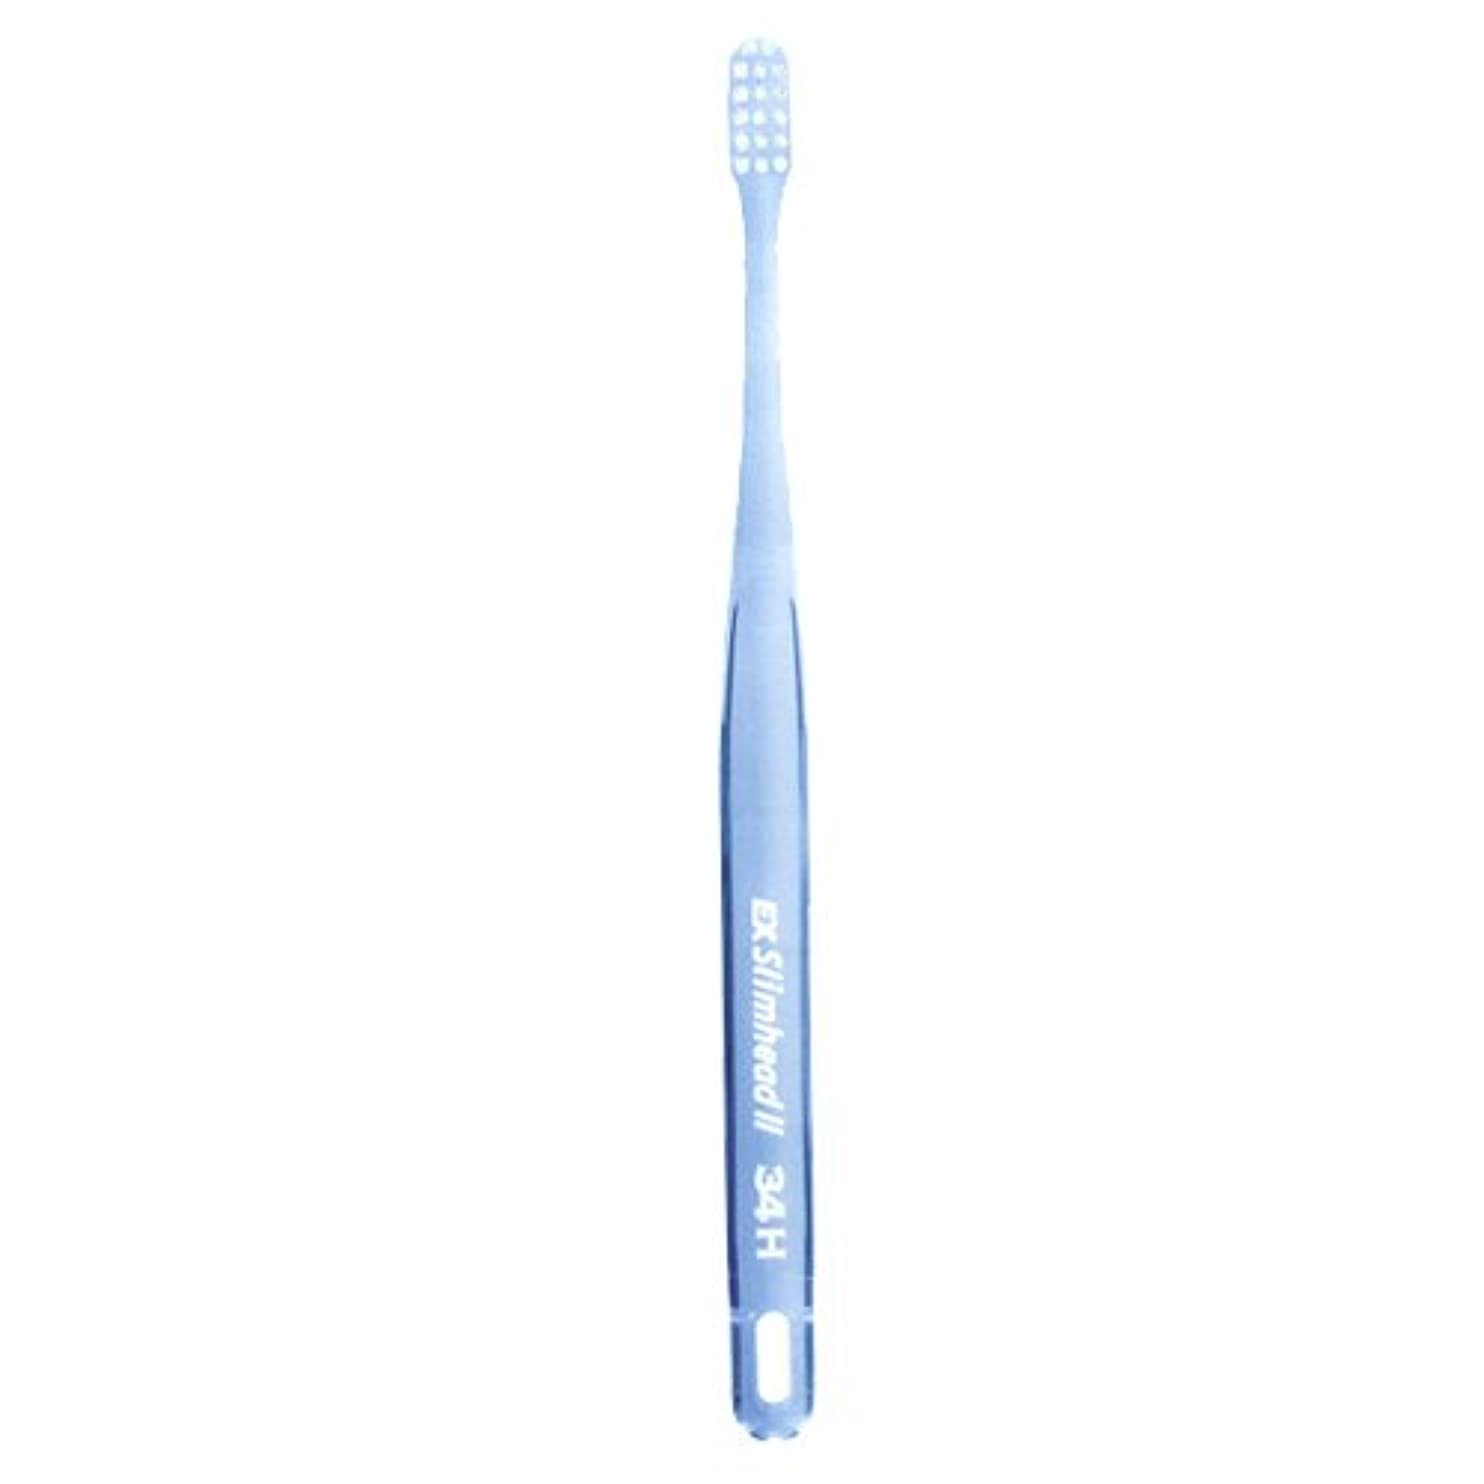 テレマコスペストシステムライオン スリムヘッド2 歯ブラシ DENT . EX Slimhead2 1本 34H クリアブルー